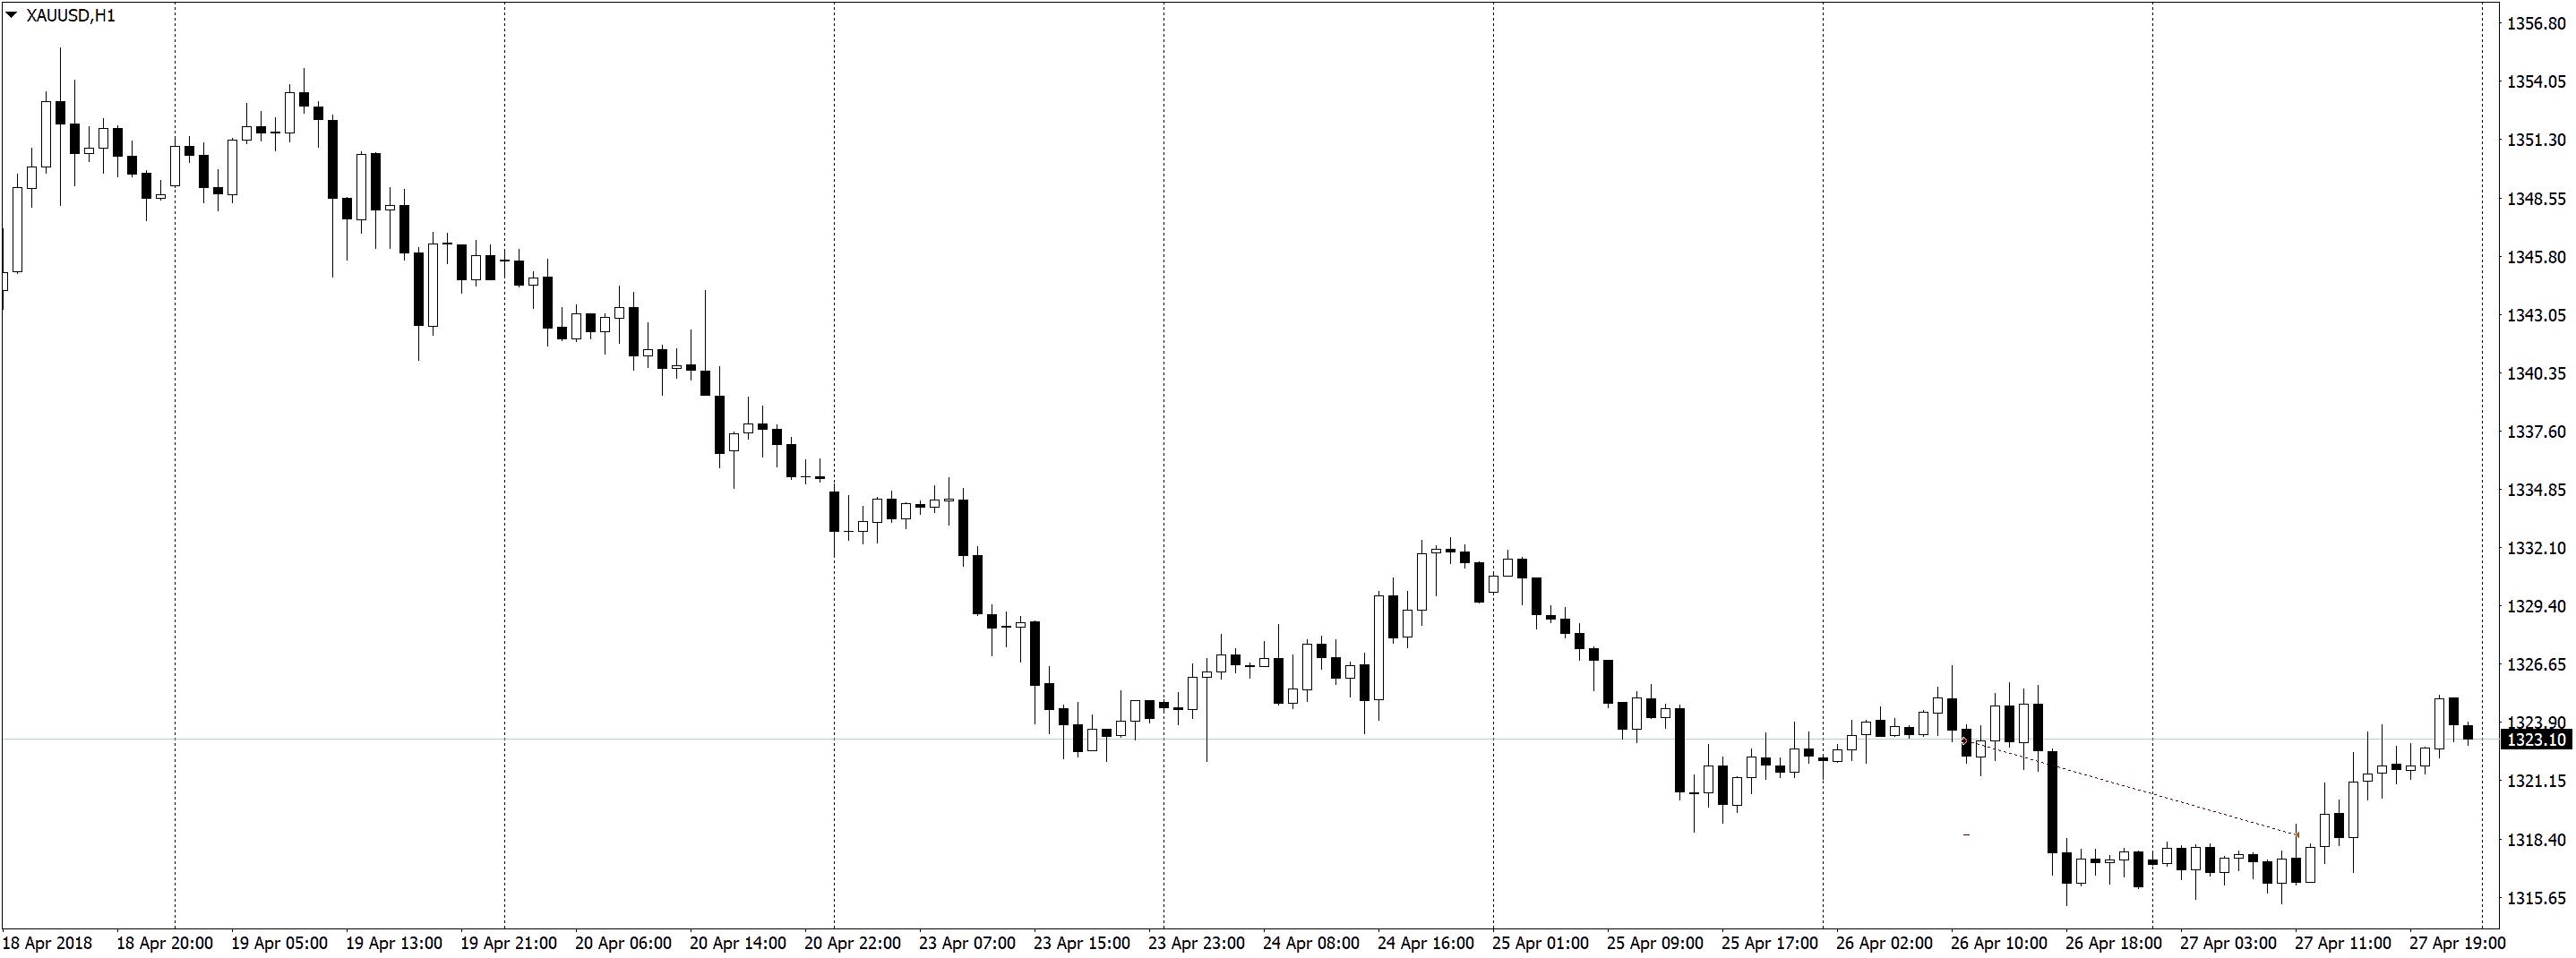 XAUUSDH1 Трейдинг по часовым графикам, немного сделок, спокойная торговля